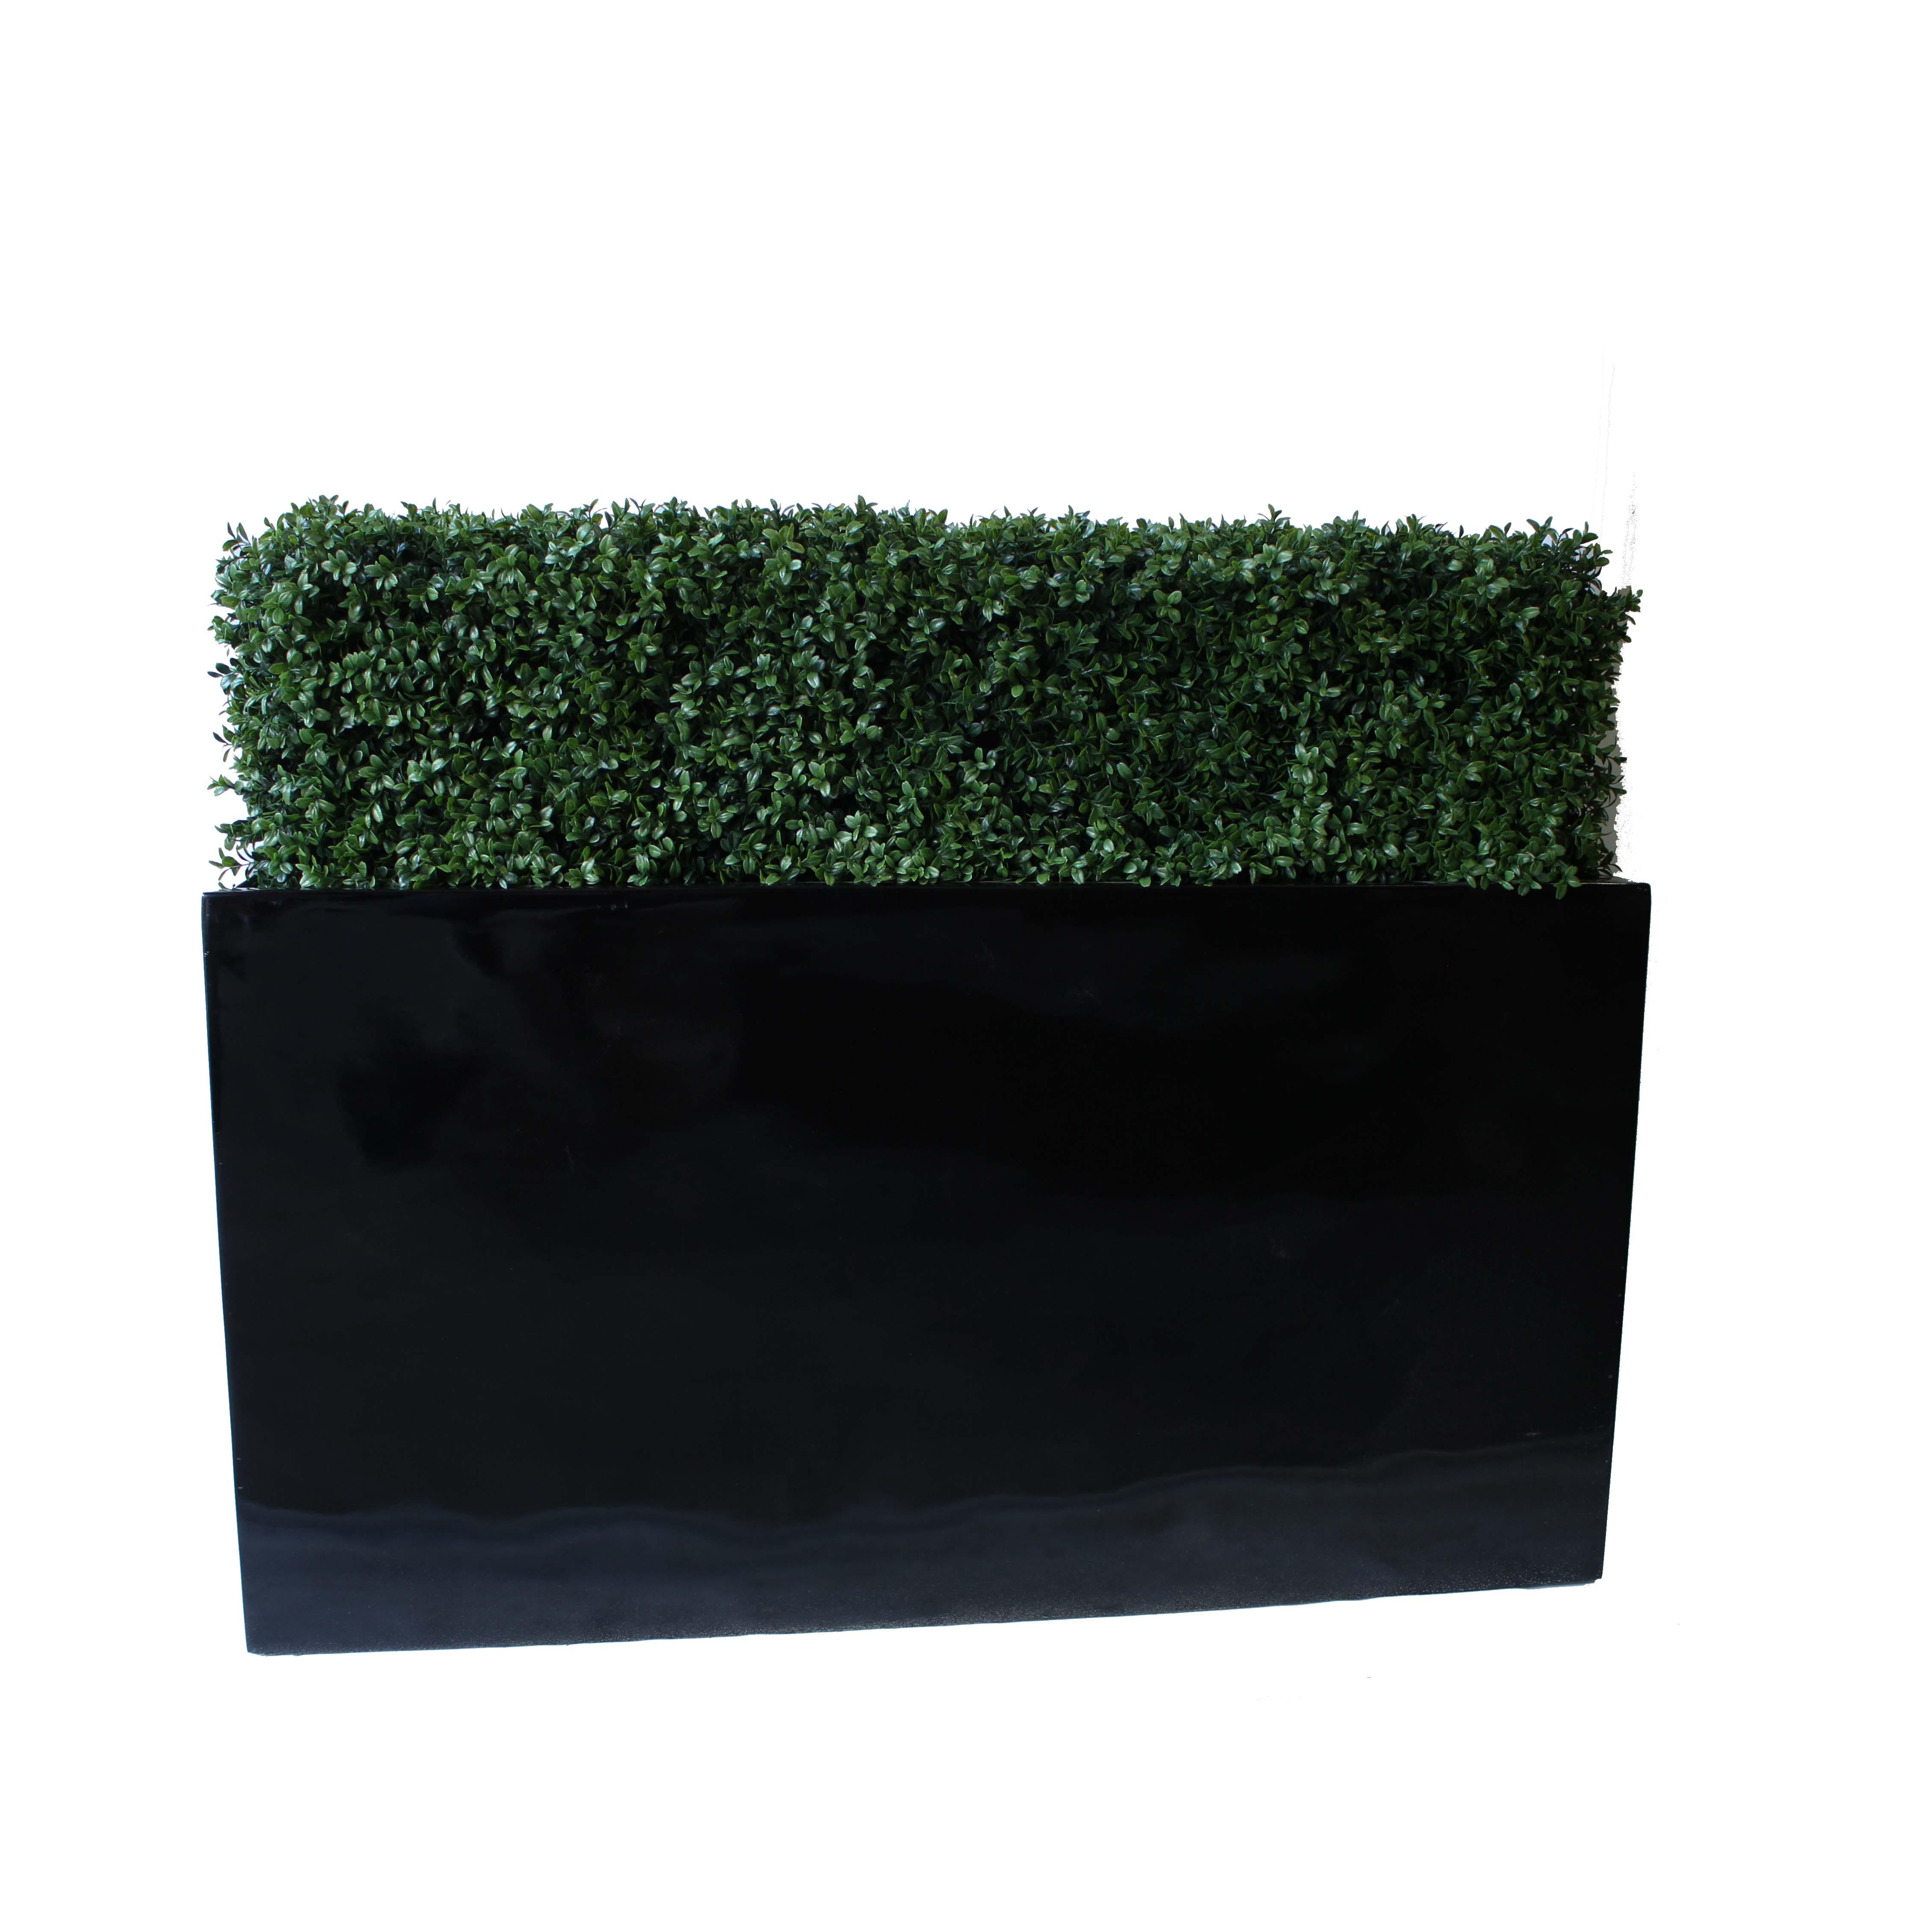 Hedges With Fibreglass Trough.